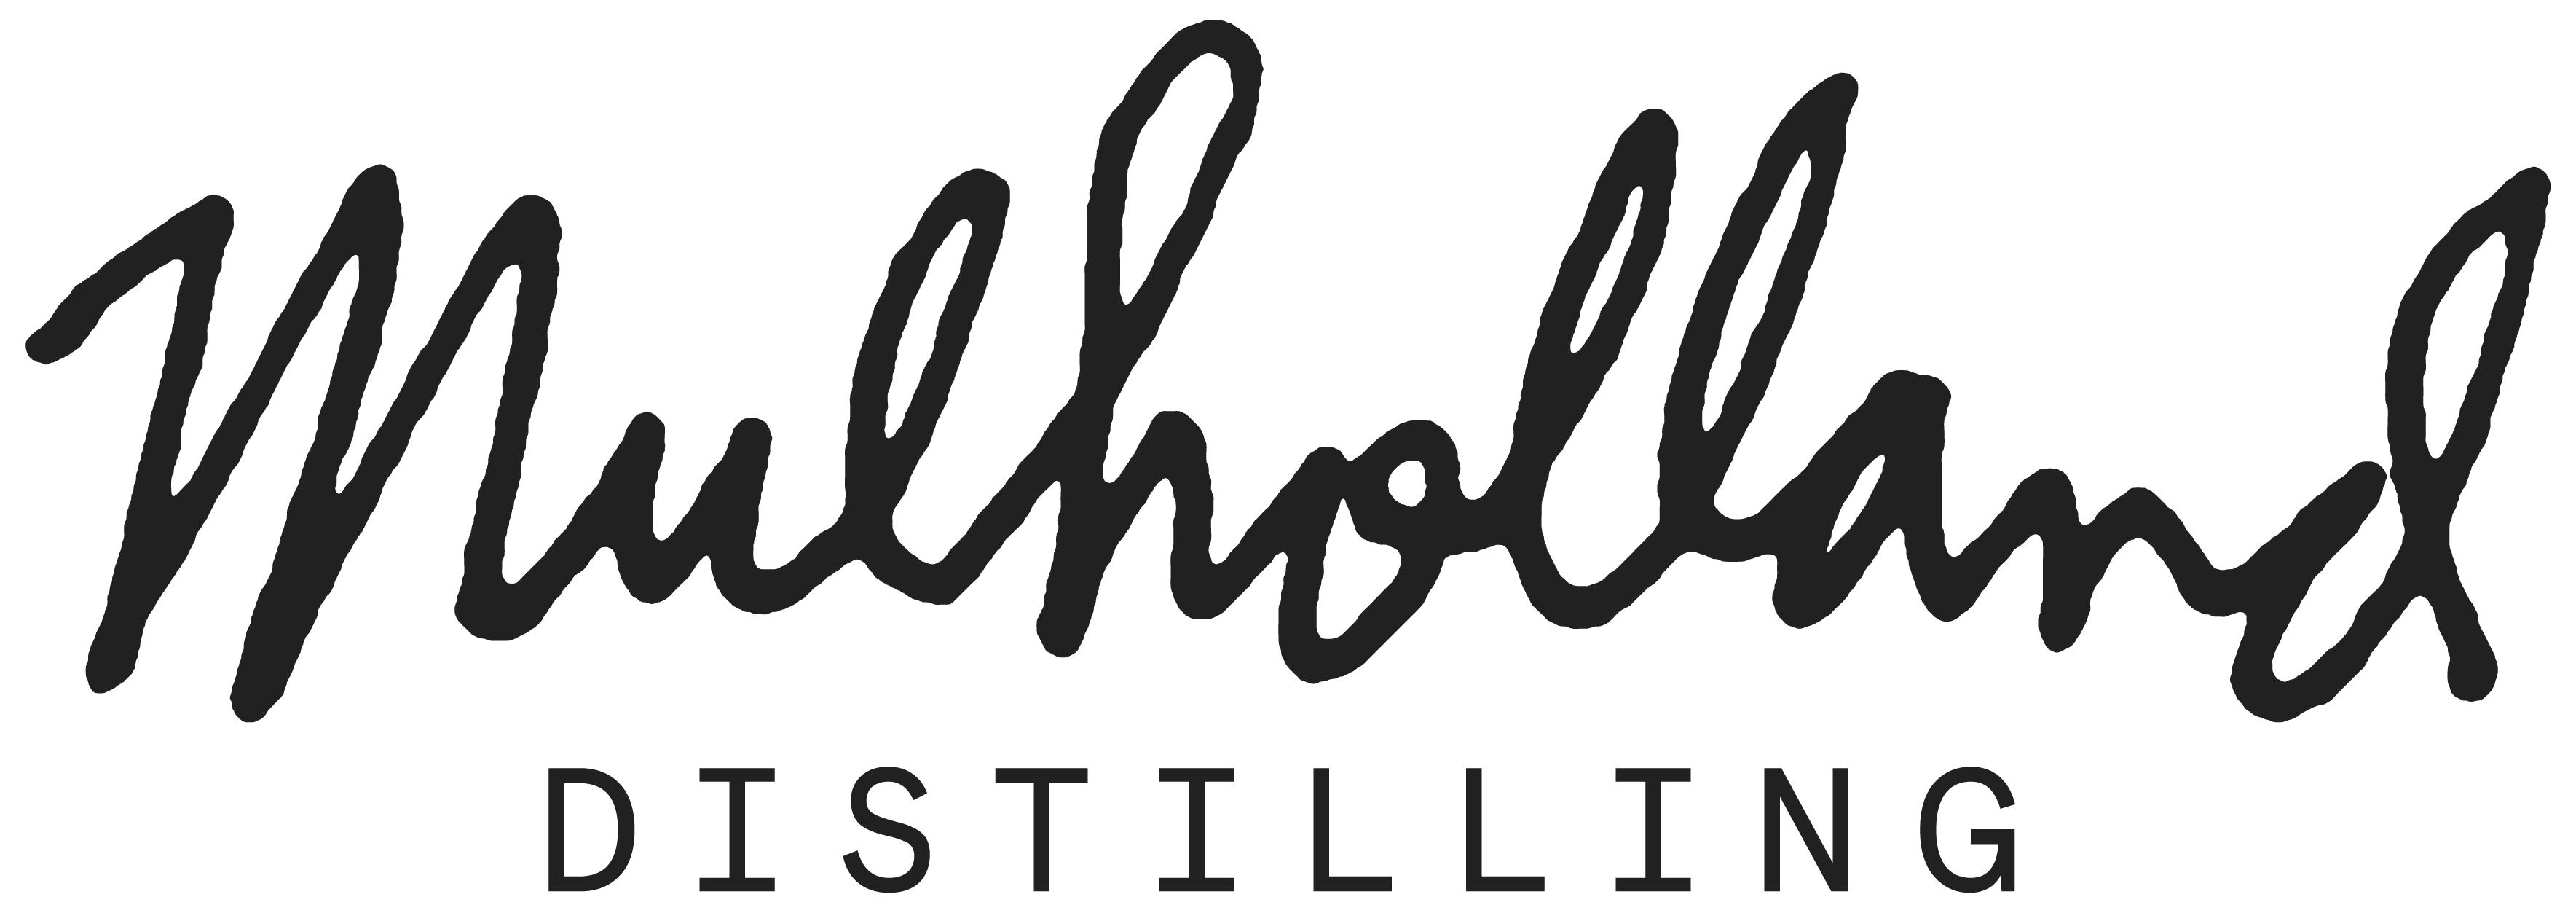 Mulholland distilling